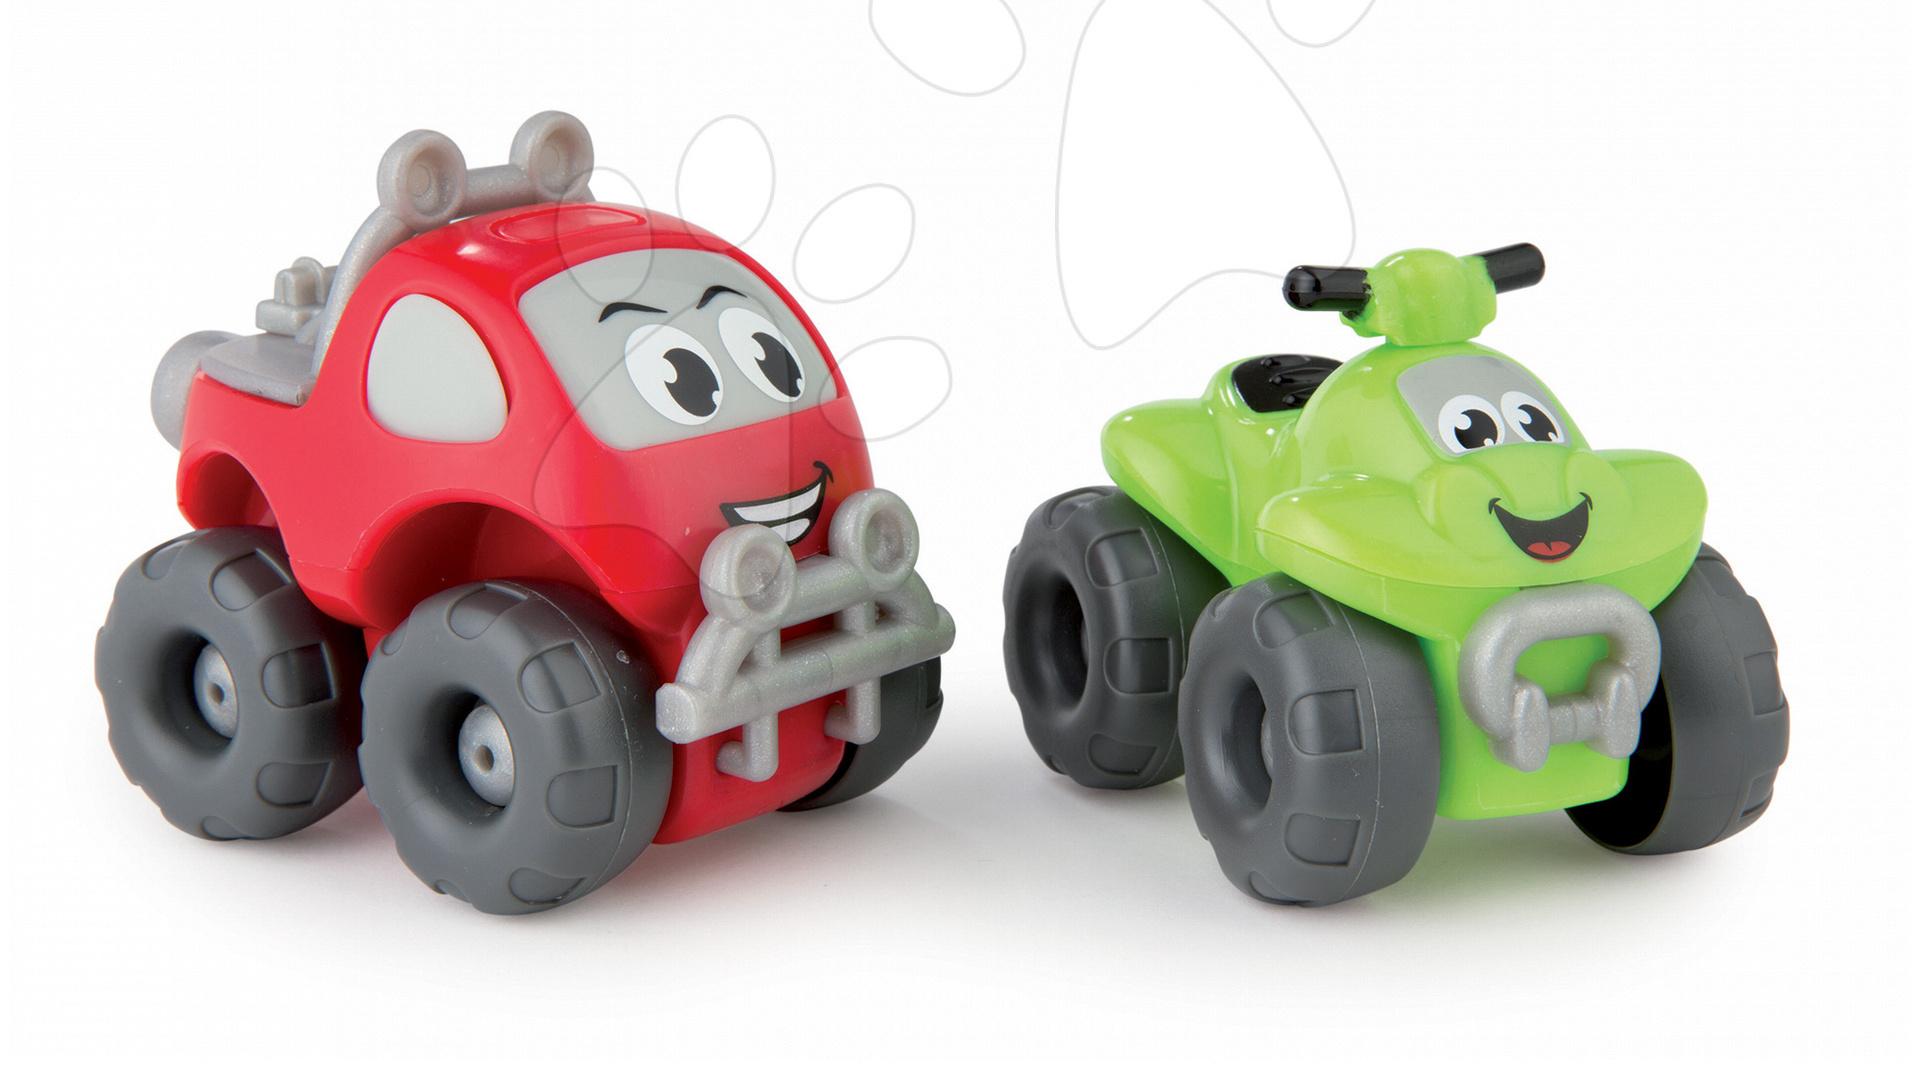 Autíčka - Terénne autíčko a štvorkolka Vroom Planet Smoby dĺžka 8 cm od 12 mes